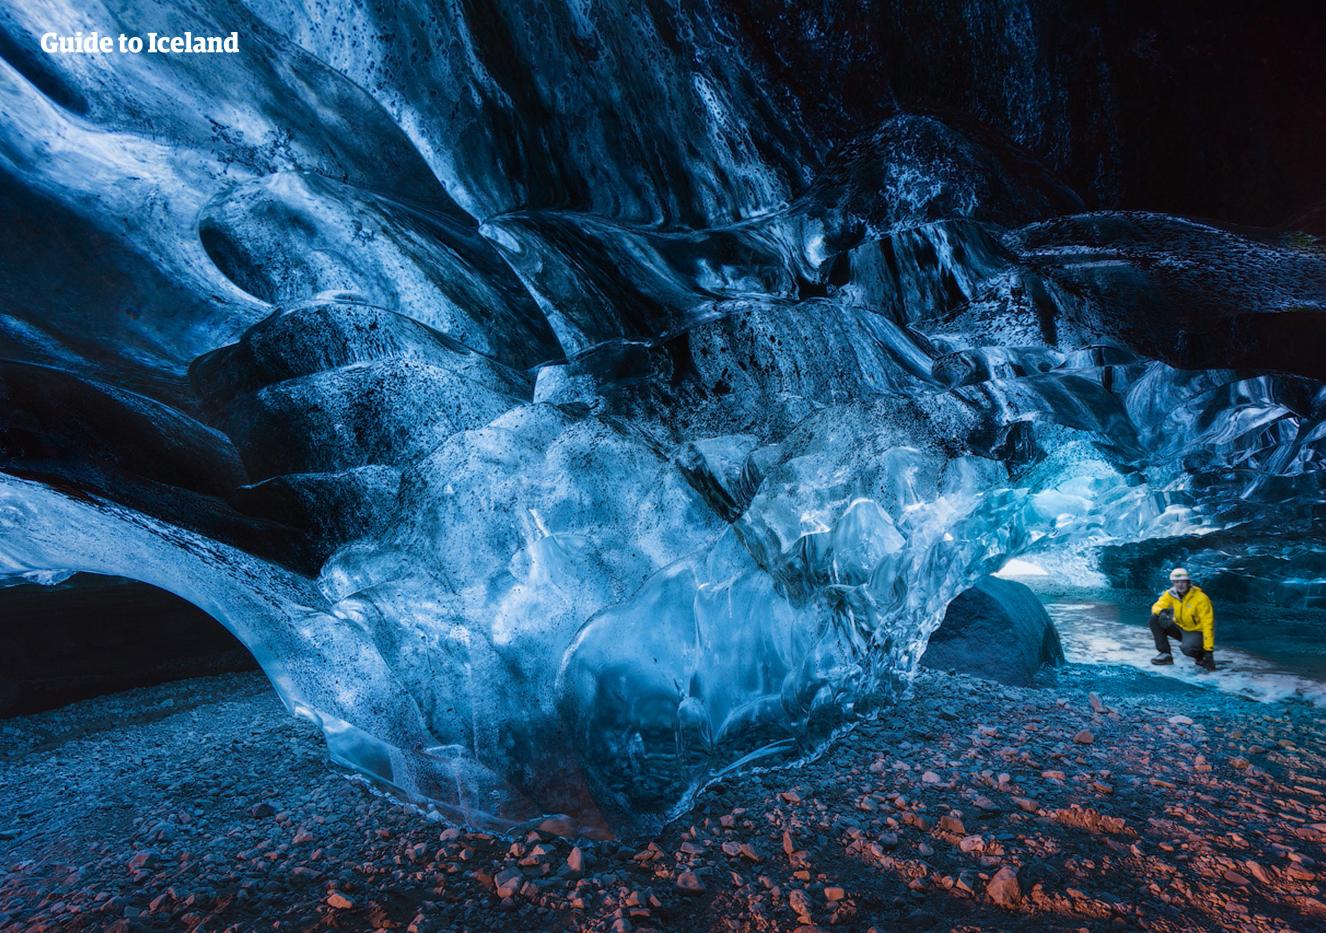 8天7夜环岛中文导游精品团|冬季来冰岛追极光,雷克雅未克出发,圣诞新年春节多个日期 - day 3